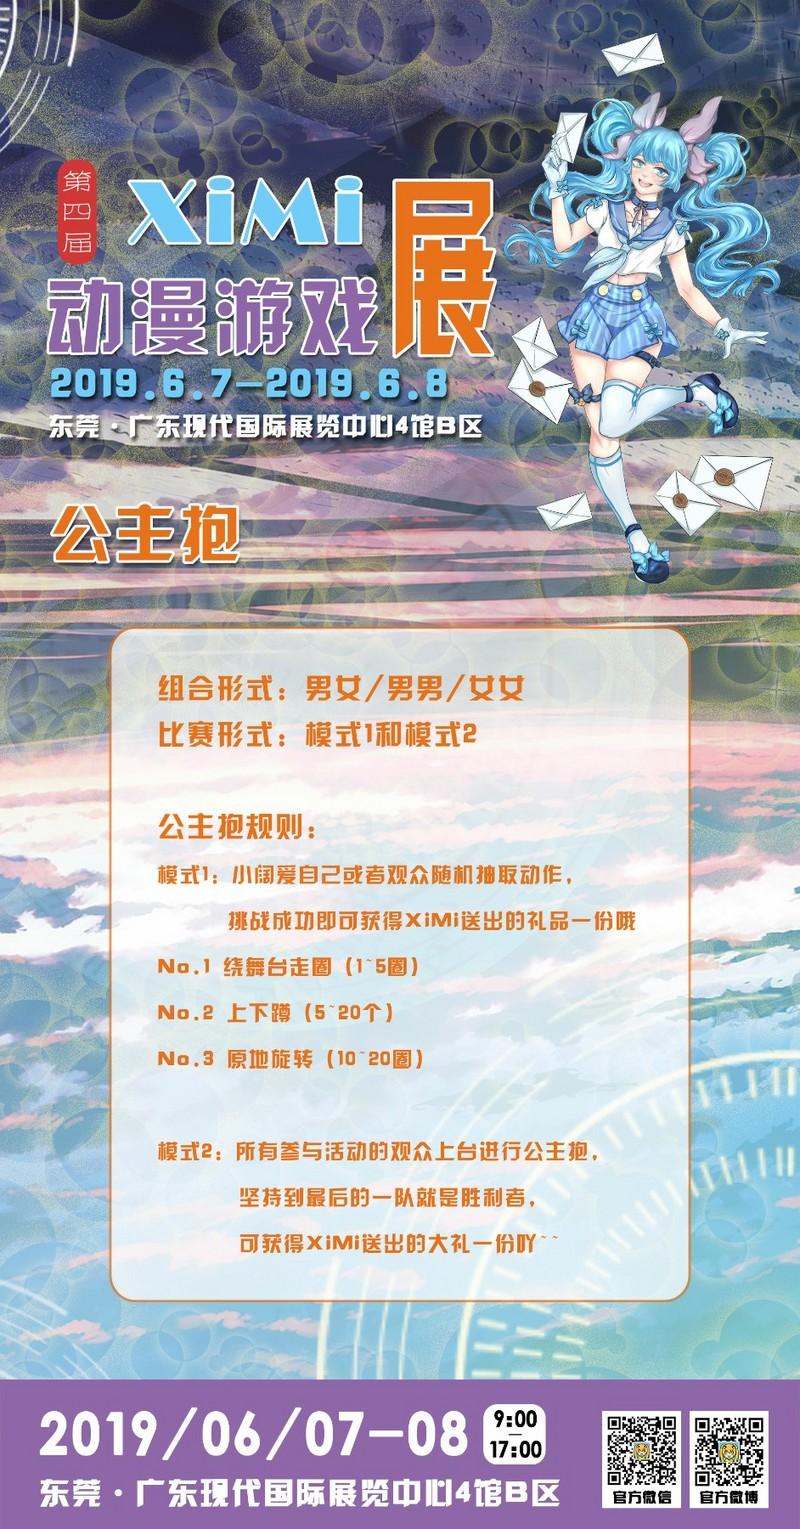 【初宣】XiMi动漫游戏周年庆 -- 我们不见不散-C3动漫网